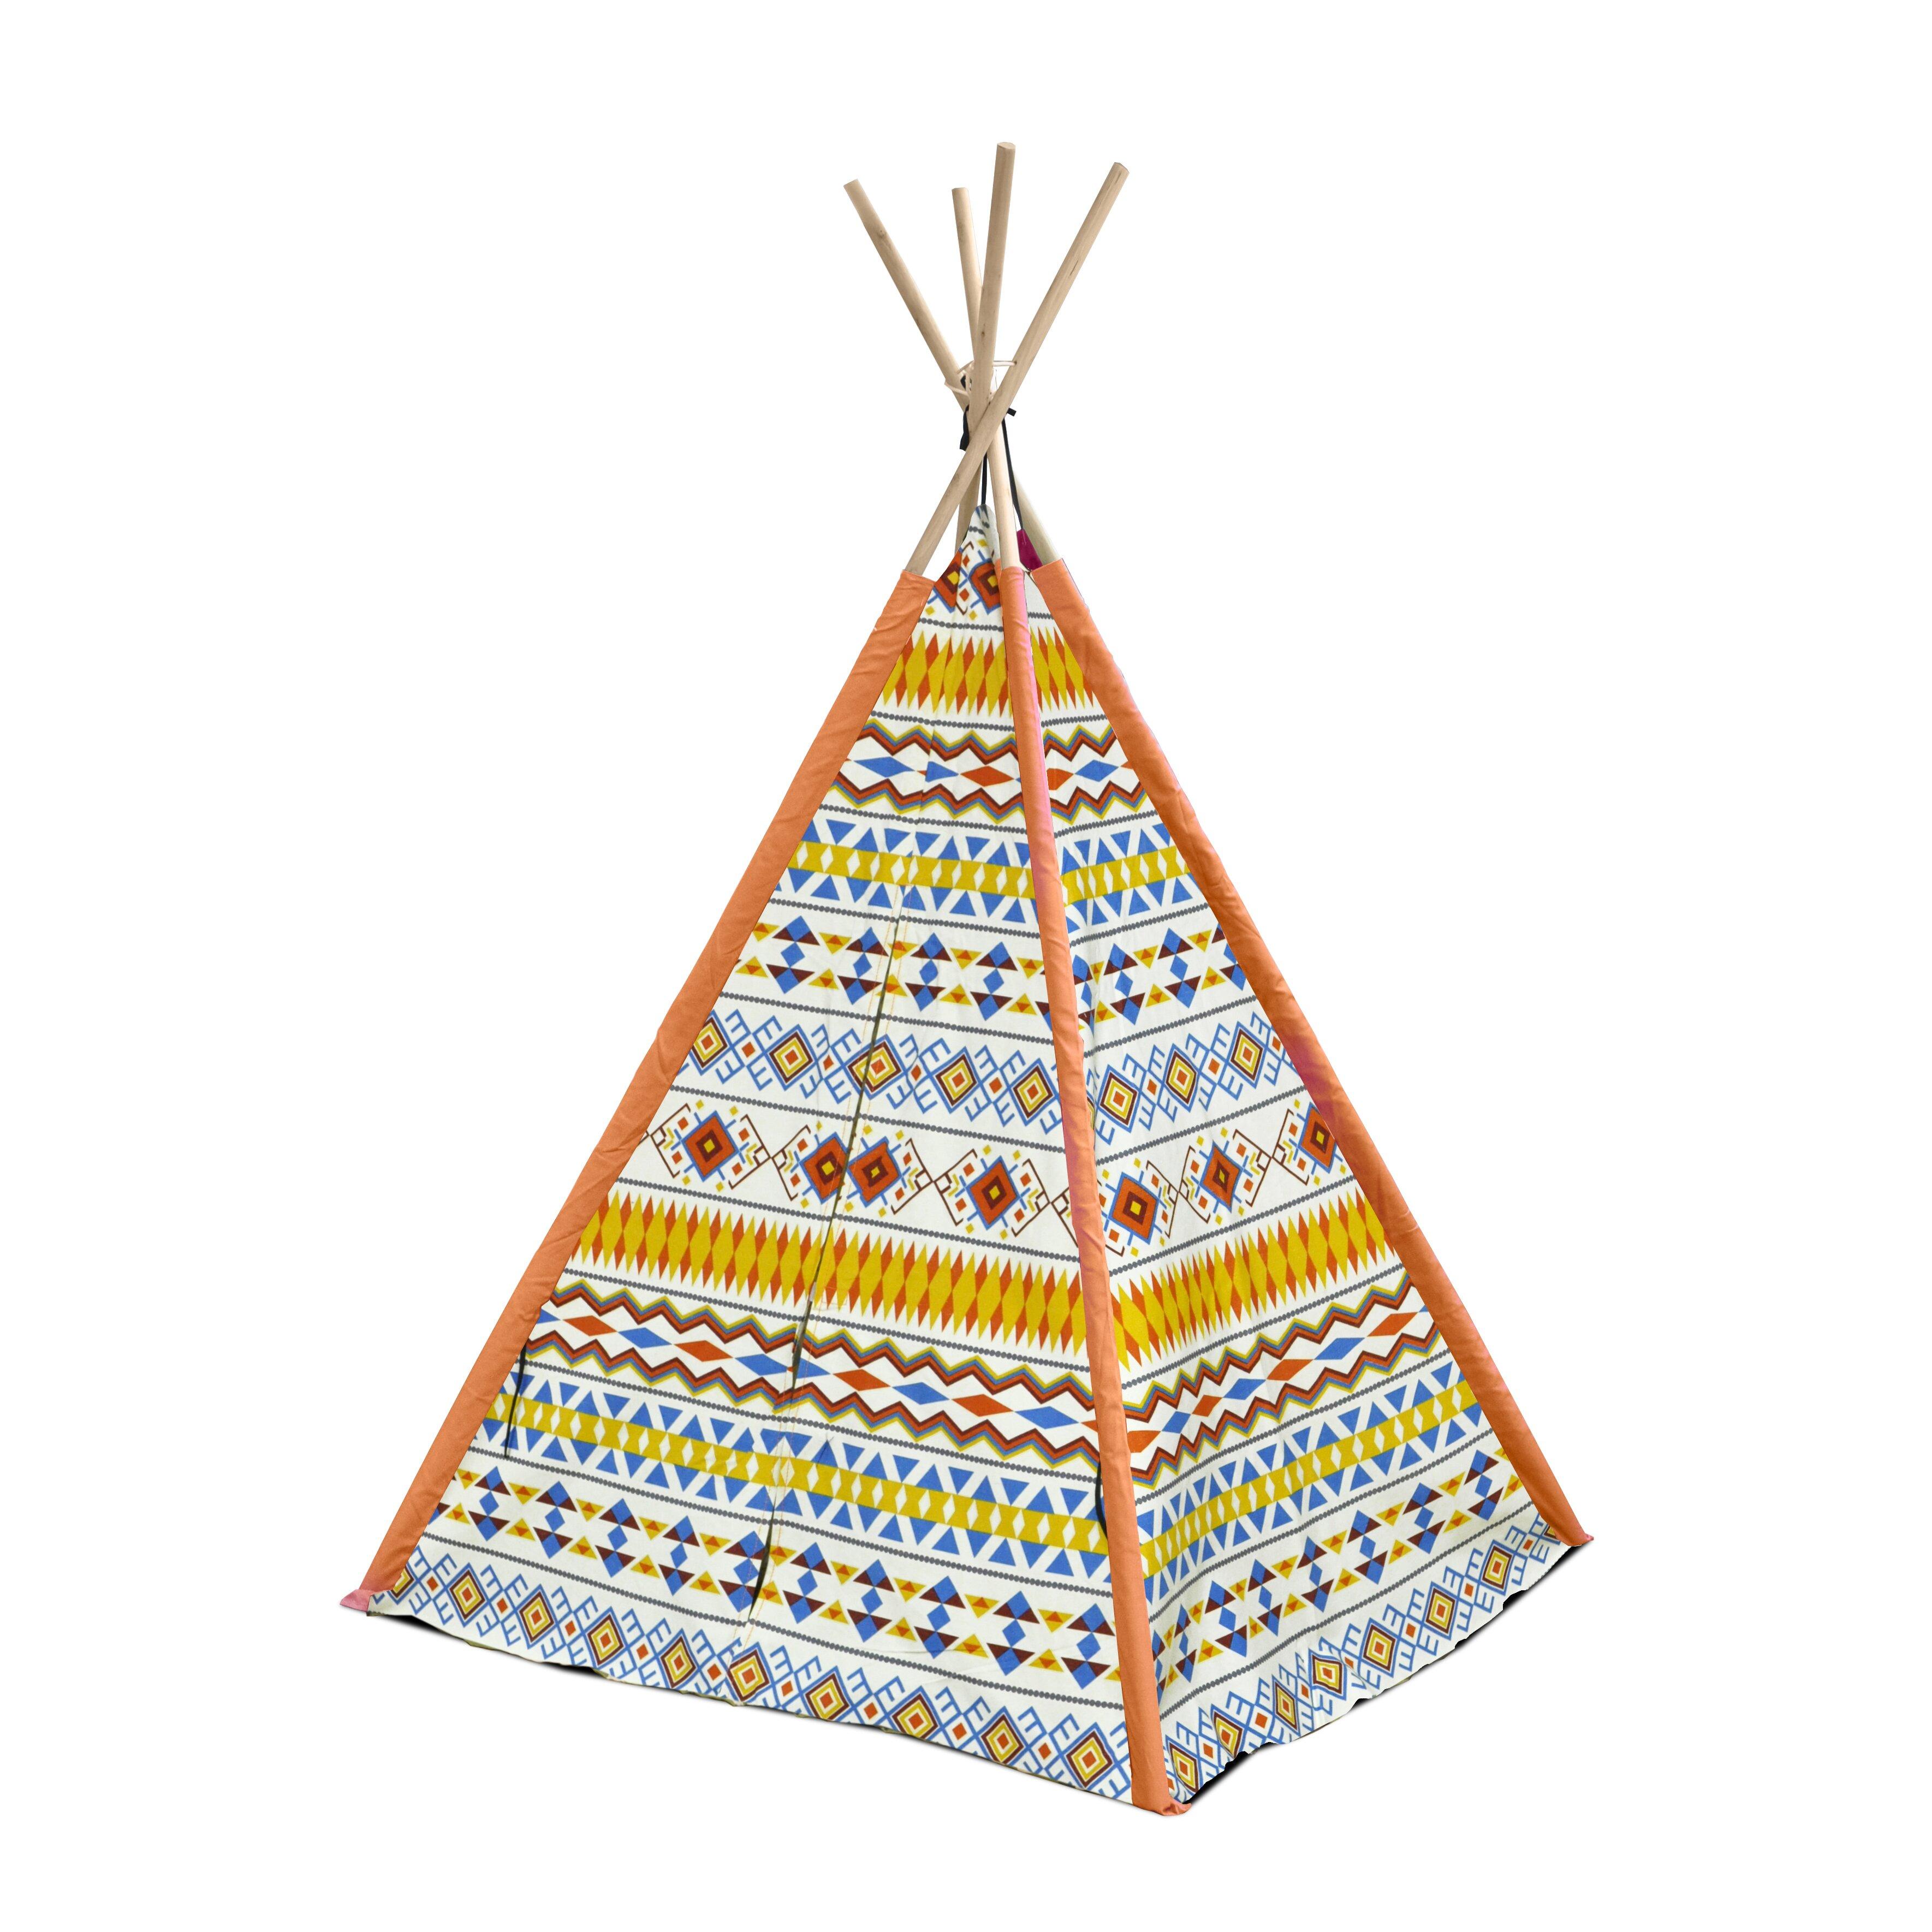 Heritage Kids Aztec Tribal Kid Play Teepee & Reviews | Wayfair